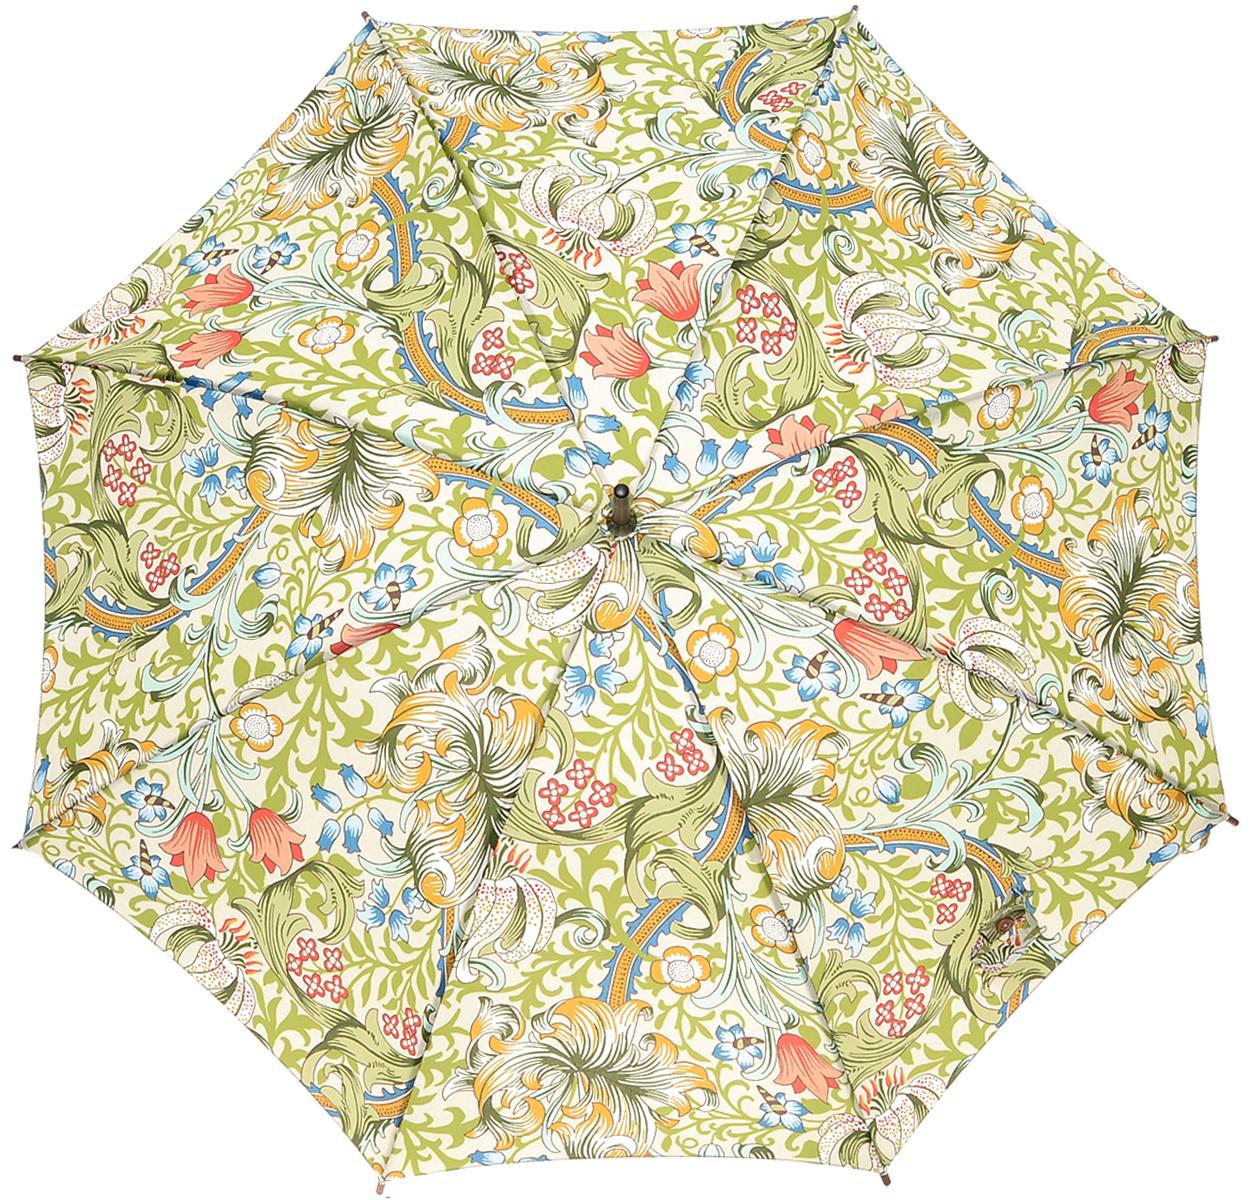 Зонт-трость женский Golden Lily, механический, цвет: зеленыйL715 3S1605Стильный механический зонт-трость Golden Lily даже в ненастную погоду позволит вам оставаться элегантной. Облегченный каркас зонта выполнен из 8 спиц из стали, стержень изготовлен из дерева. Купол зонта выполнен из прочного полиэстера и оформлен растительным принтом. Рукоятка закругленной формы разработана с учетом требований эргономики и выполнена из дерева. Зонт имеет механический тип сложения: купол открывается и закрывается вручную до характерного щелчка. Такой зонт не только надежно защитит вас от дождя, но и станет стильным аксессуаром.